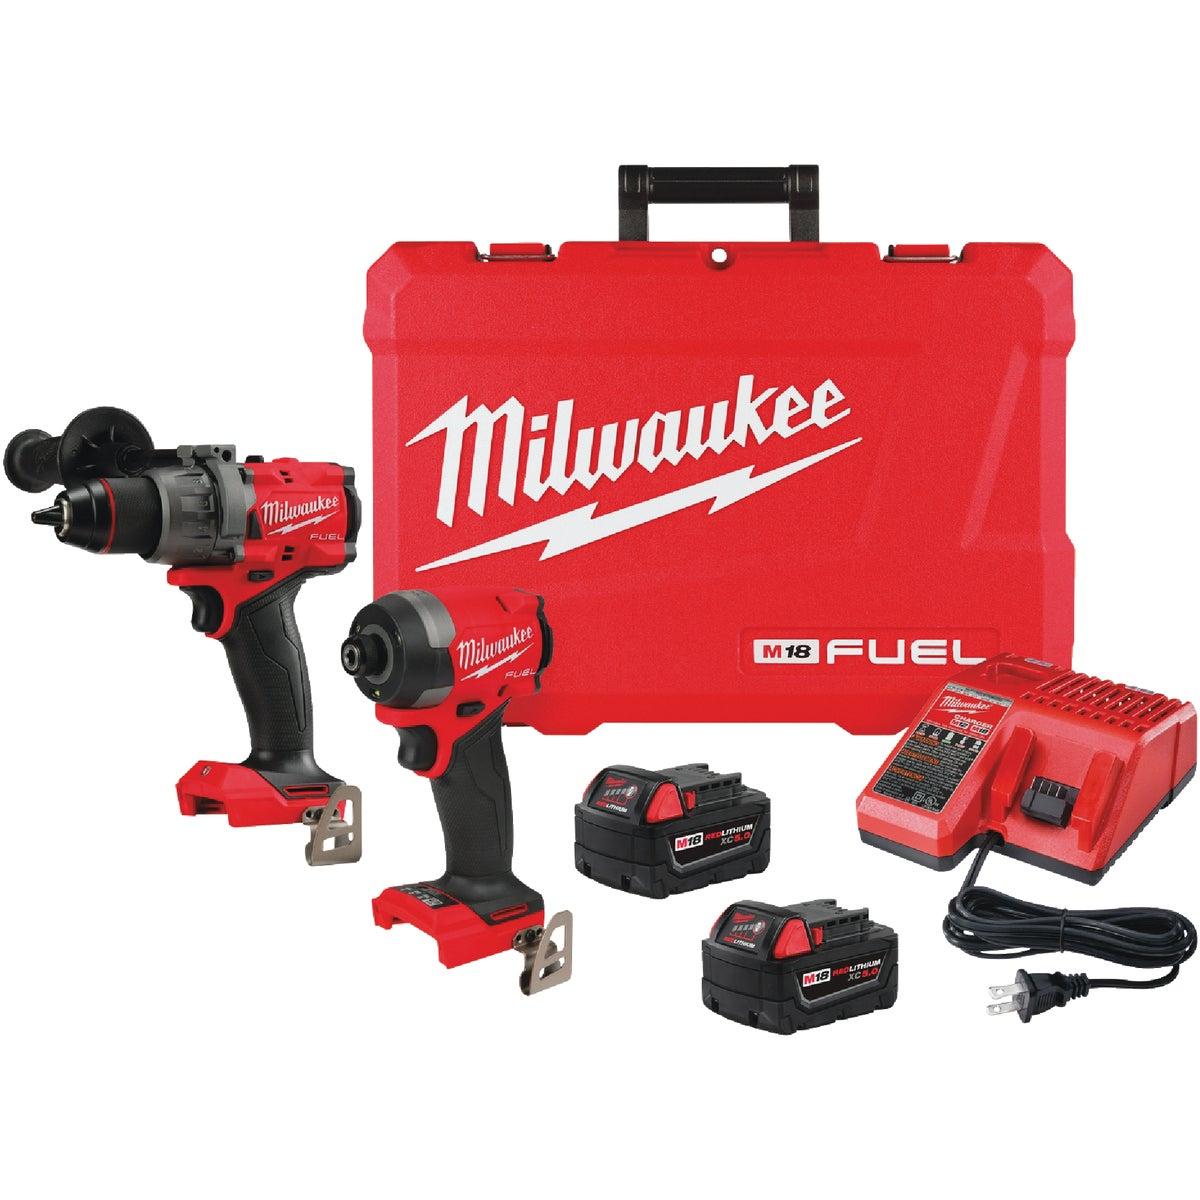 M18 HAMRDRL/IMPACT KIT - 2797-22 by Milwaukee Elec Tool